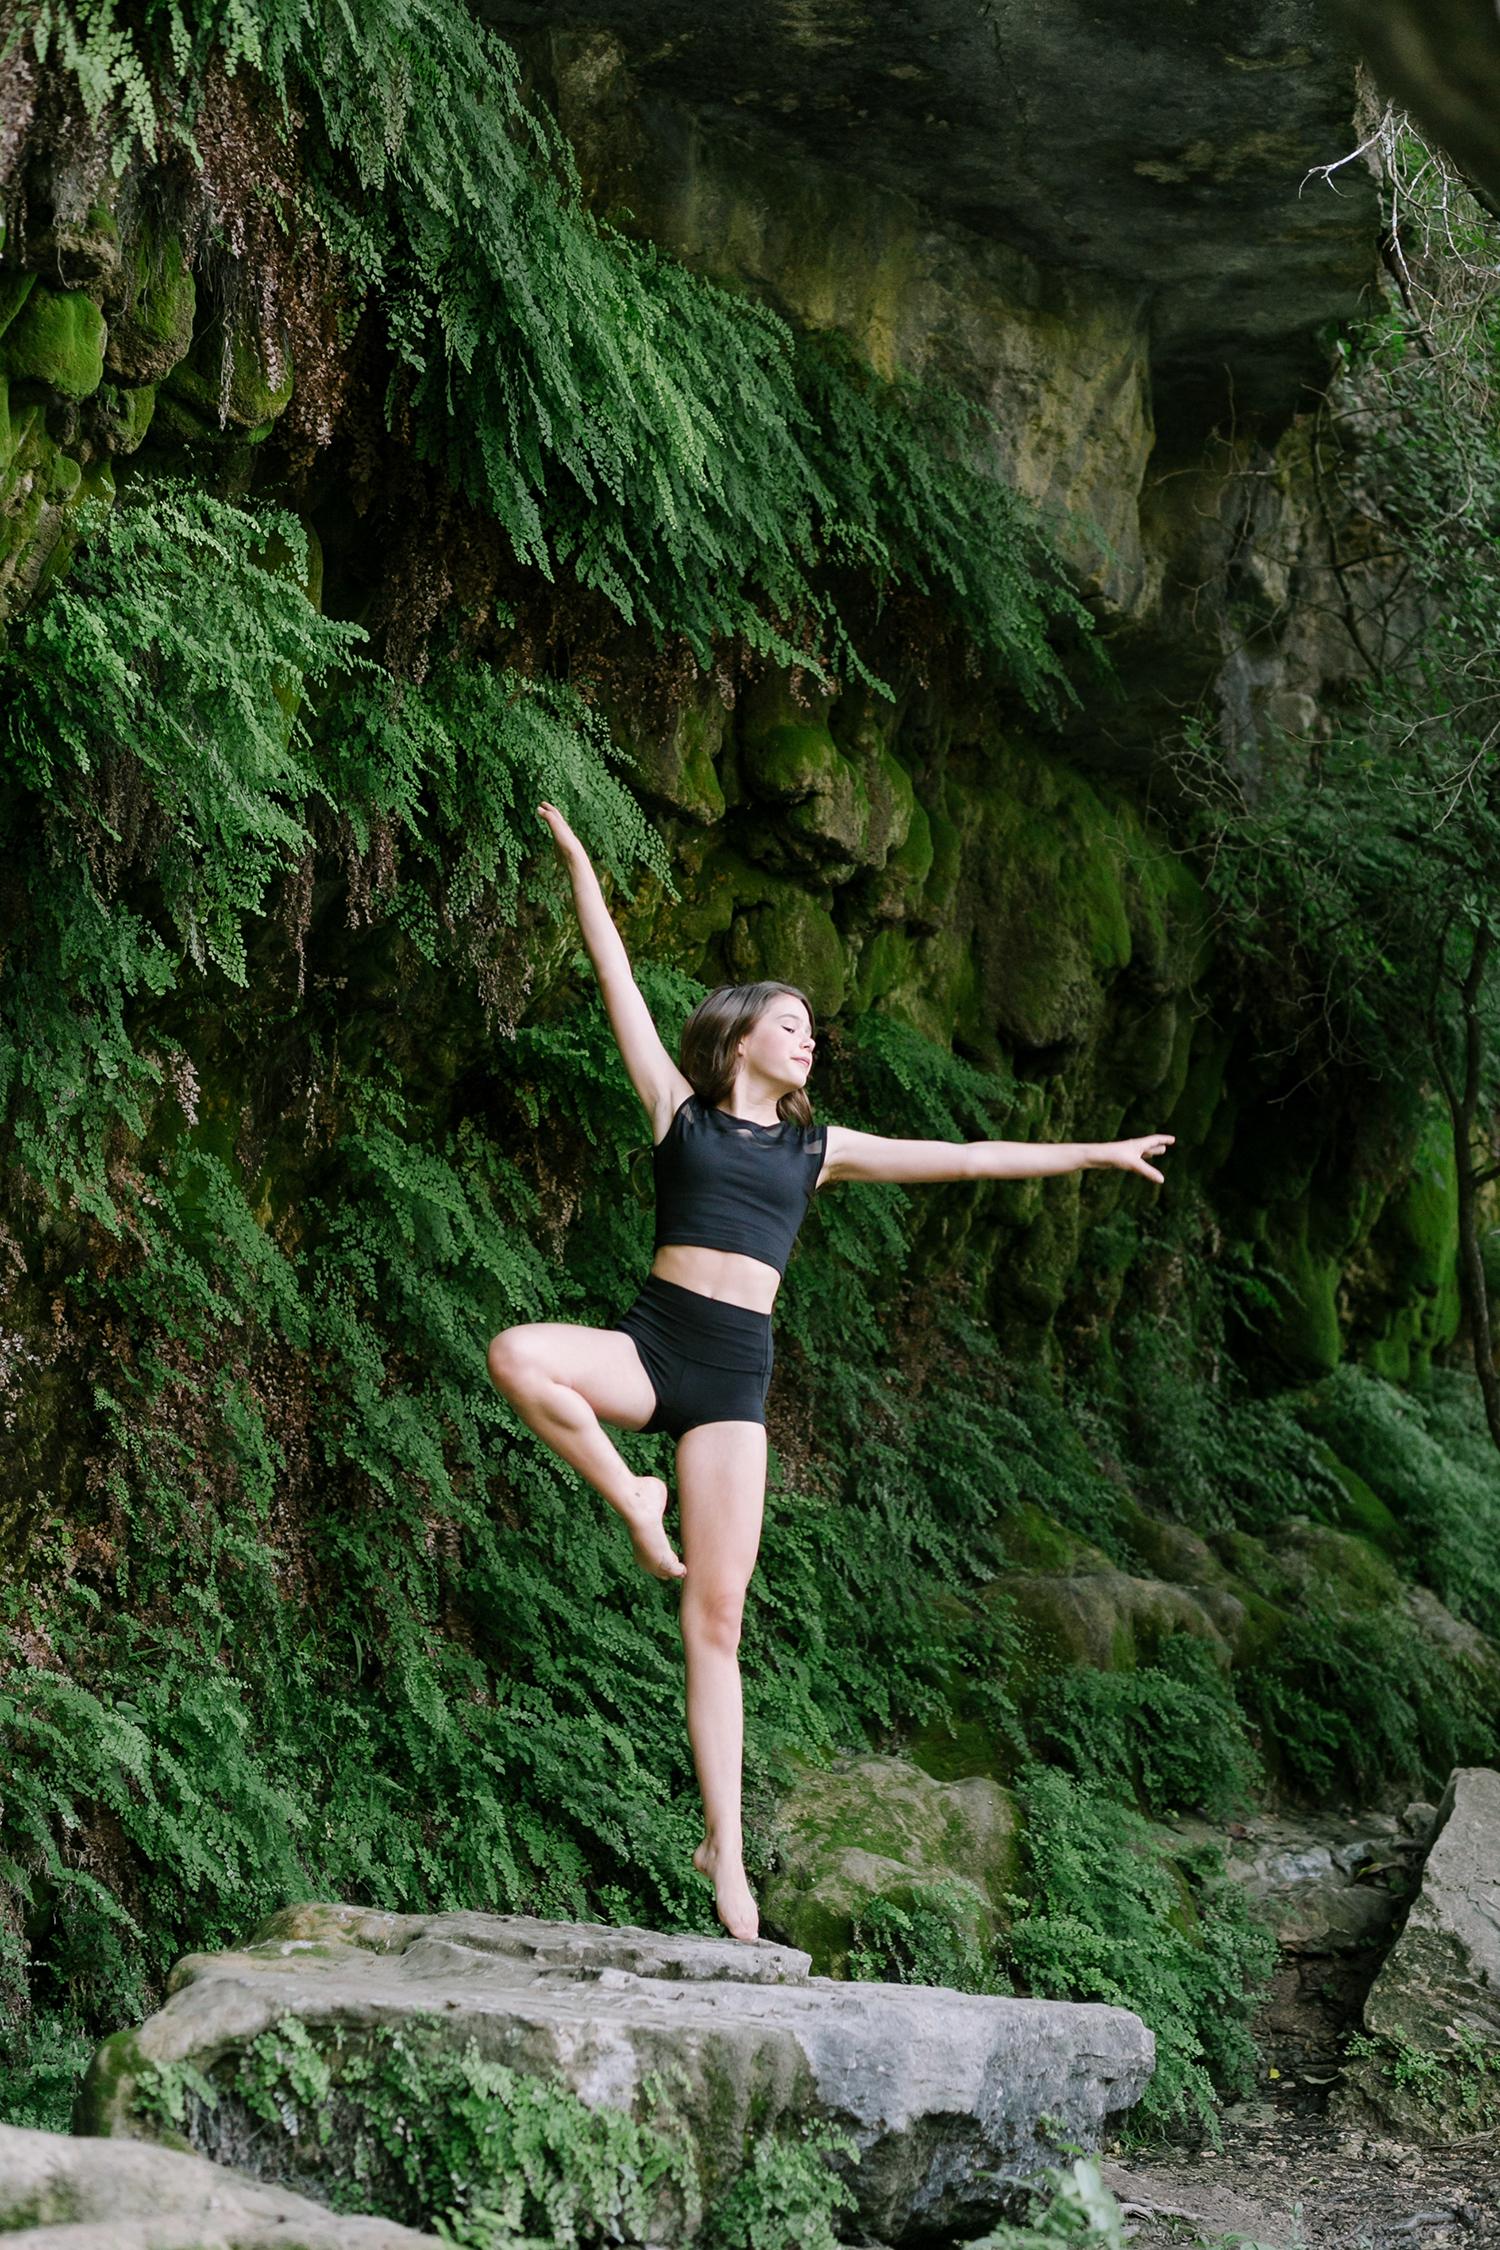 austin-dancer-teen-tween-portraits-kbp01.jpg